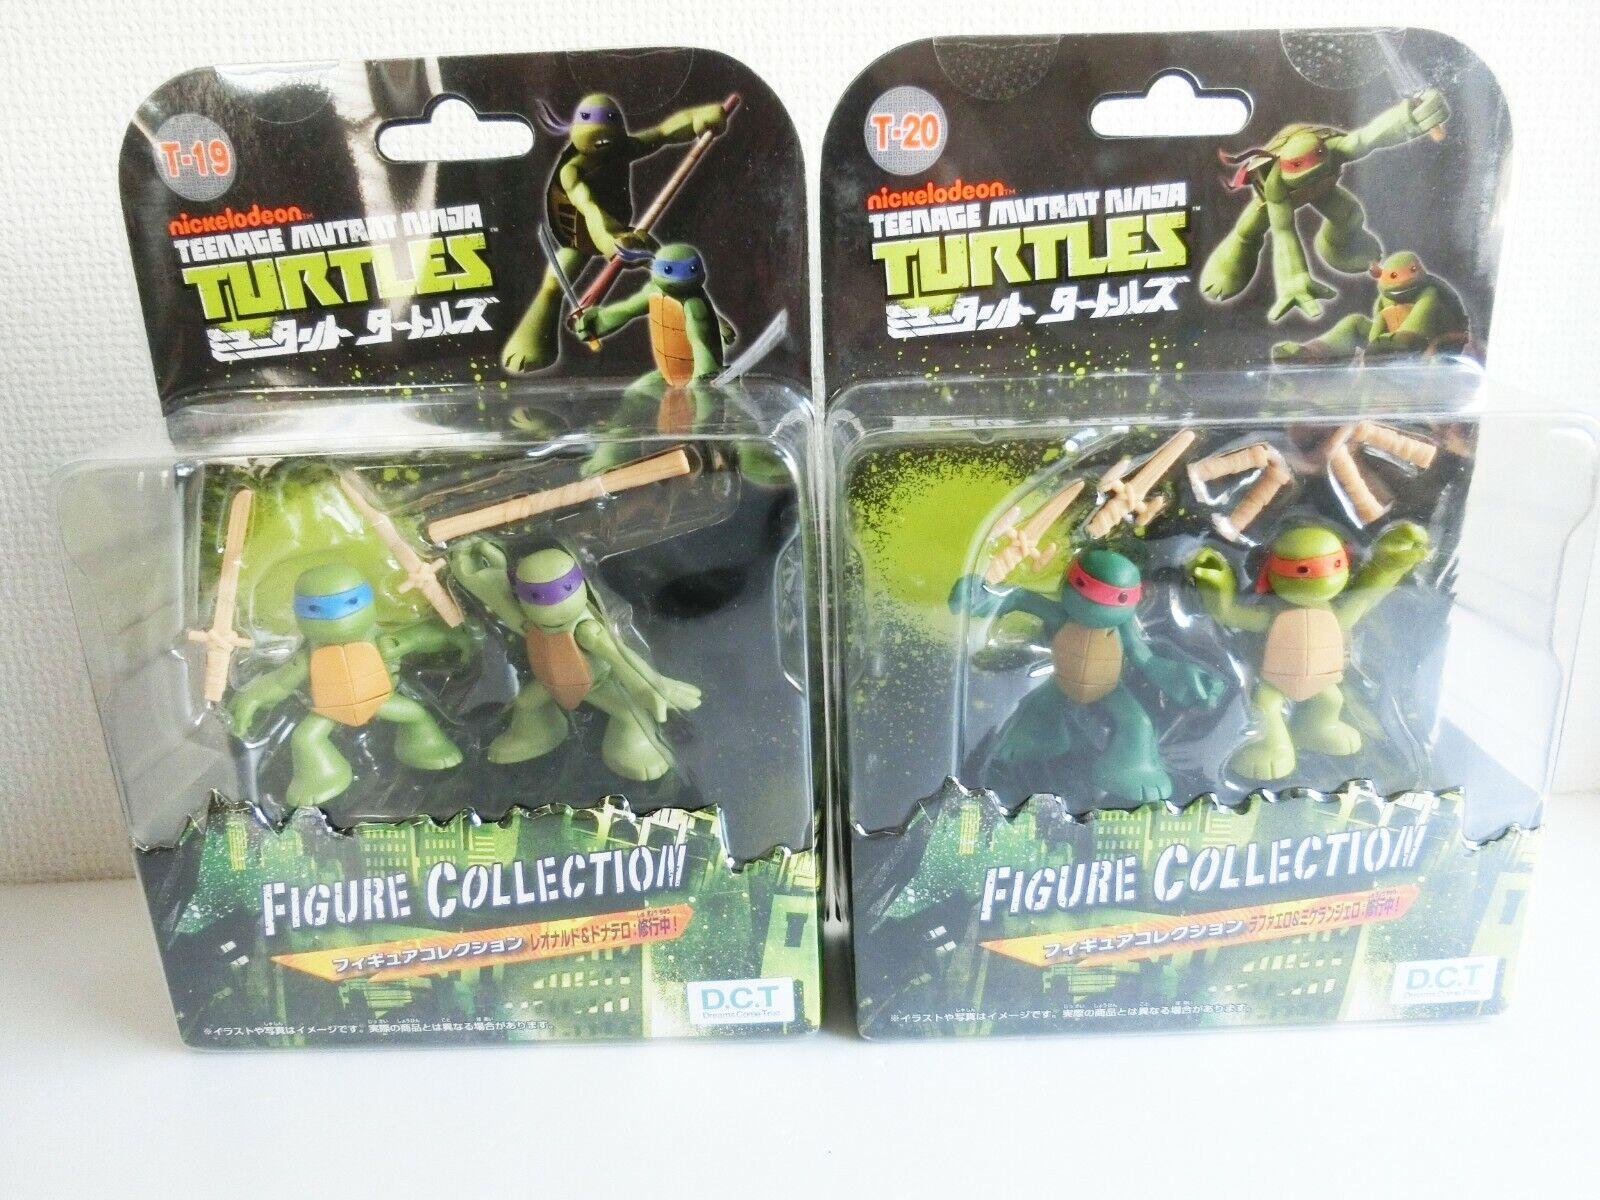 TEENAGE MUTANT NINJA TURTLES Figure Collection Ninjas in training T-19 Japan